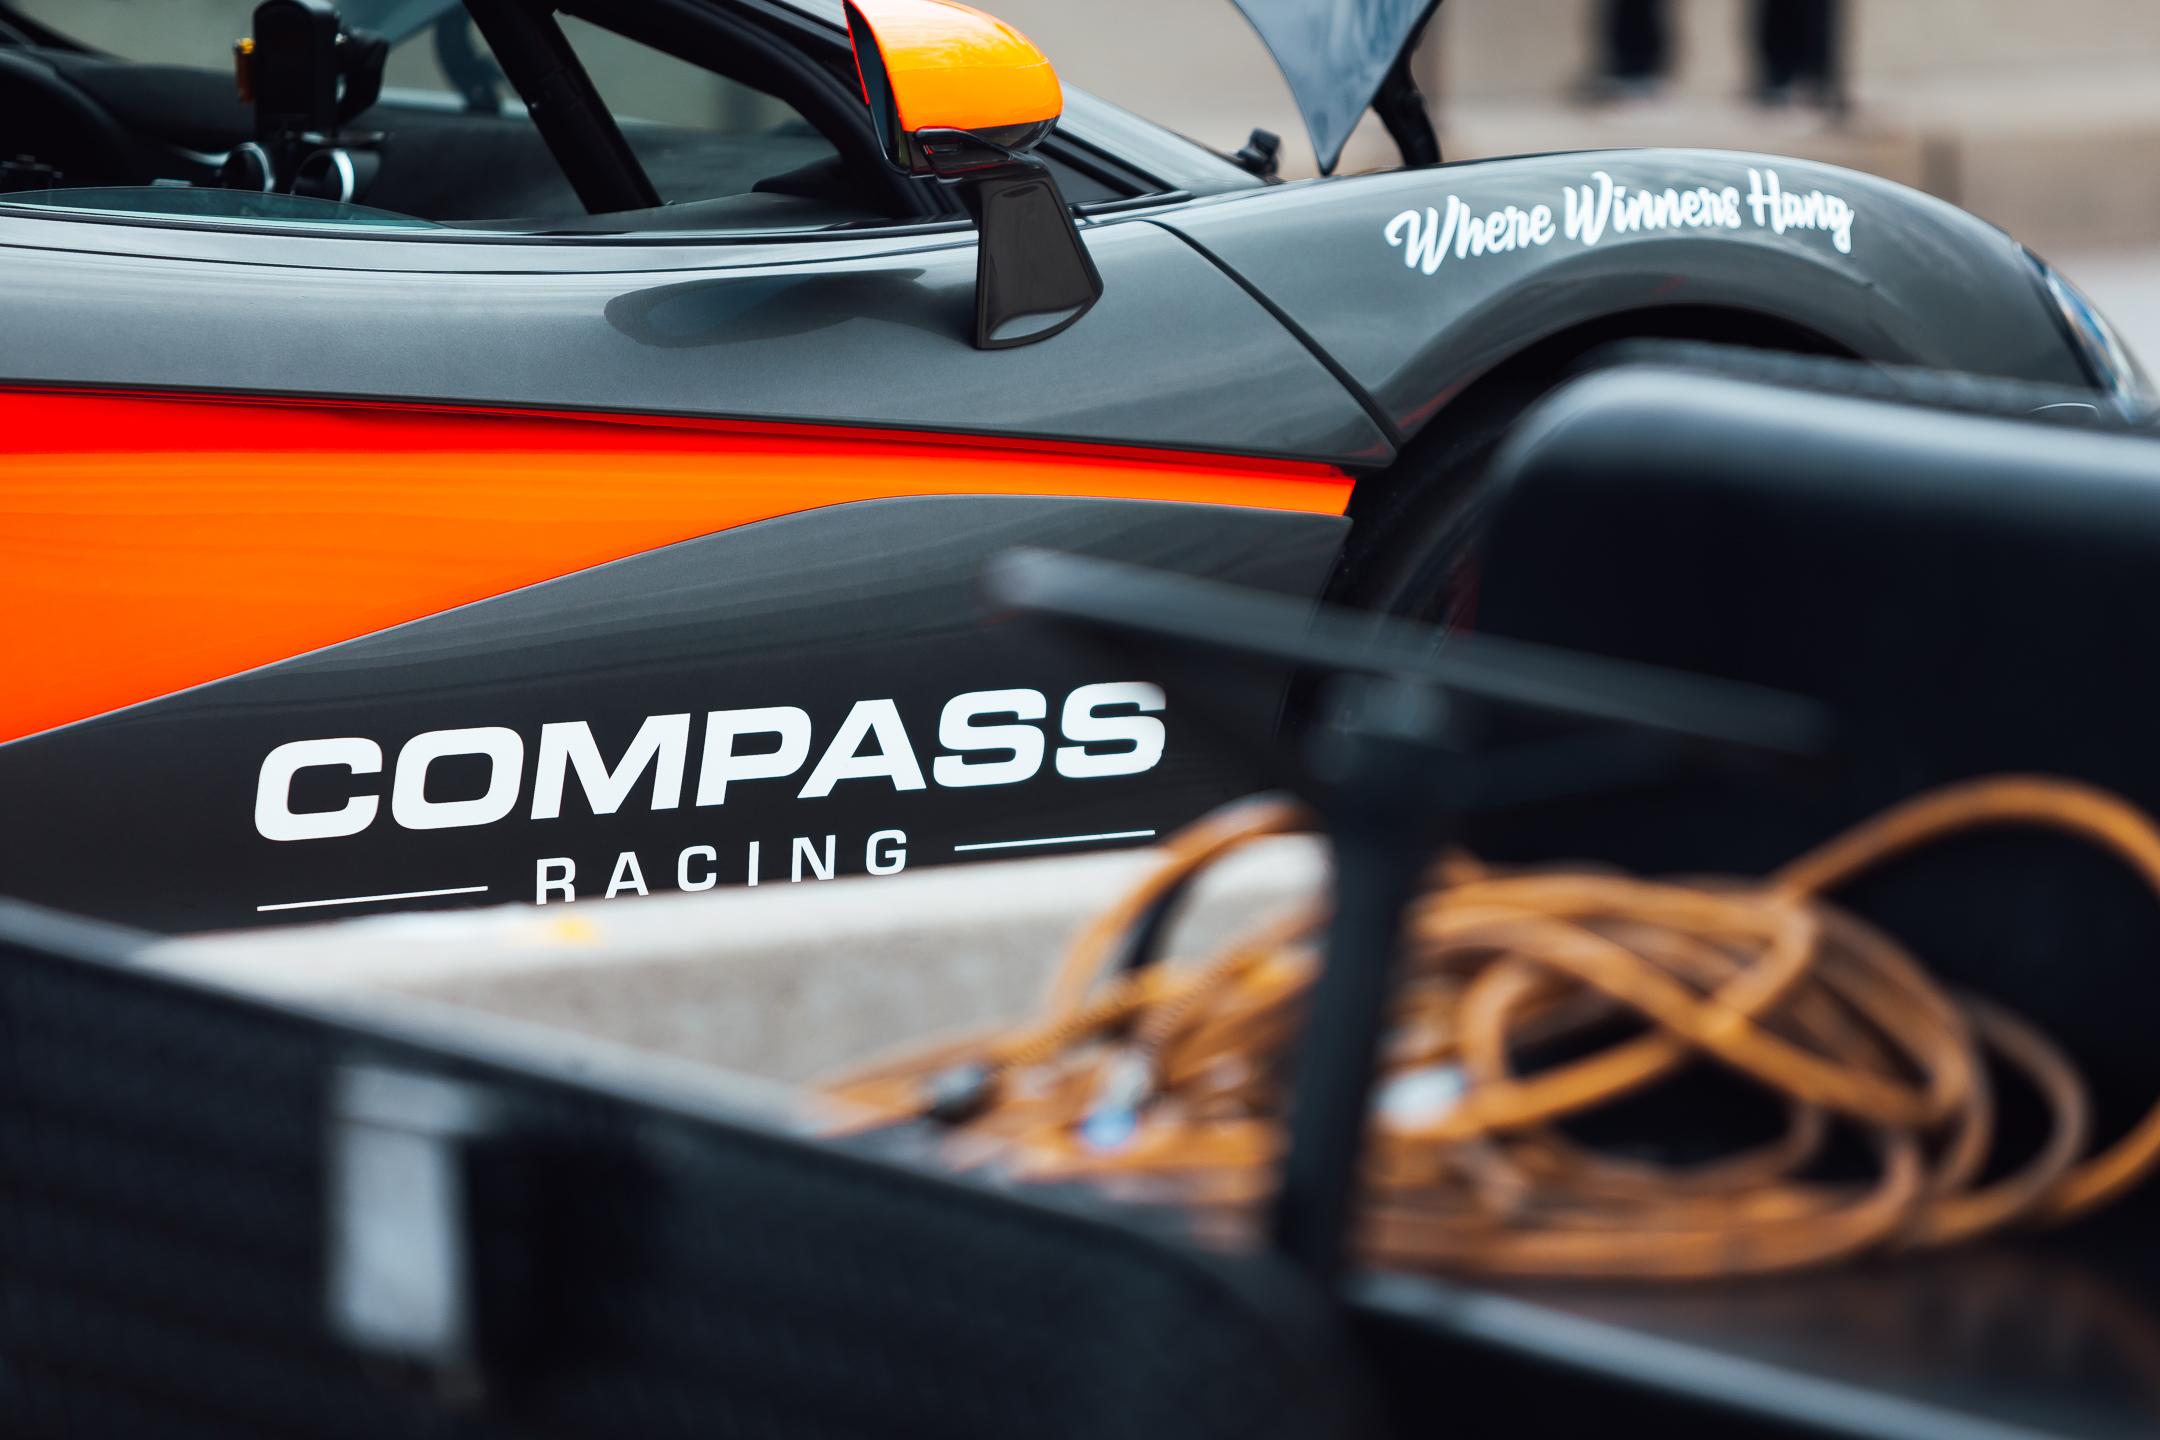 McLaren 720S GT3 - Compass Racing-7890.jpg